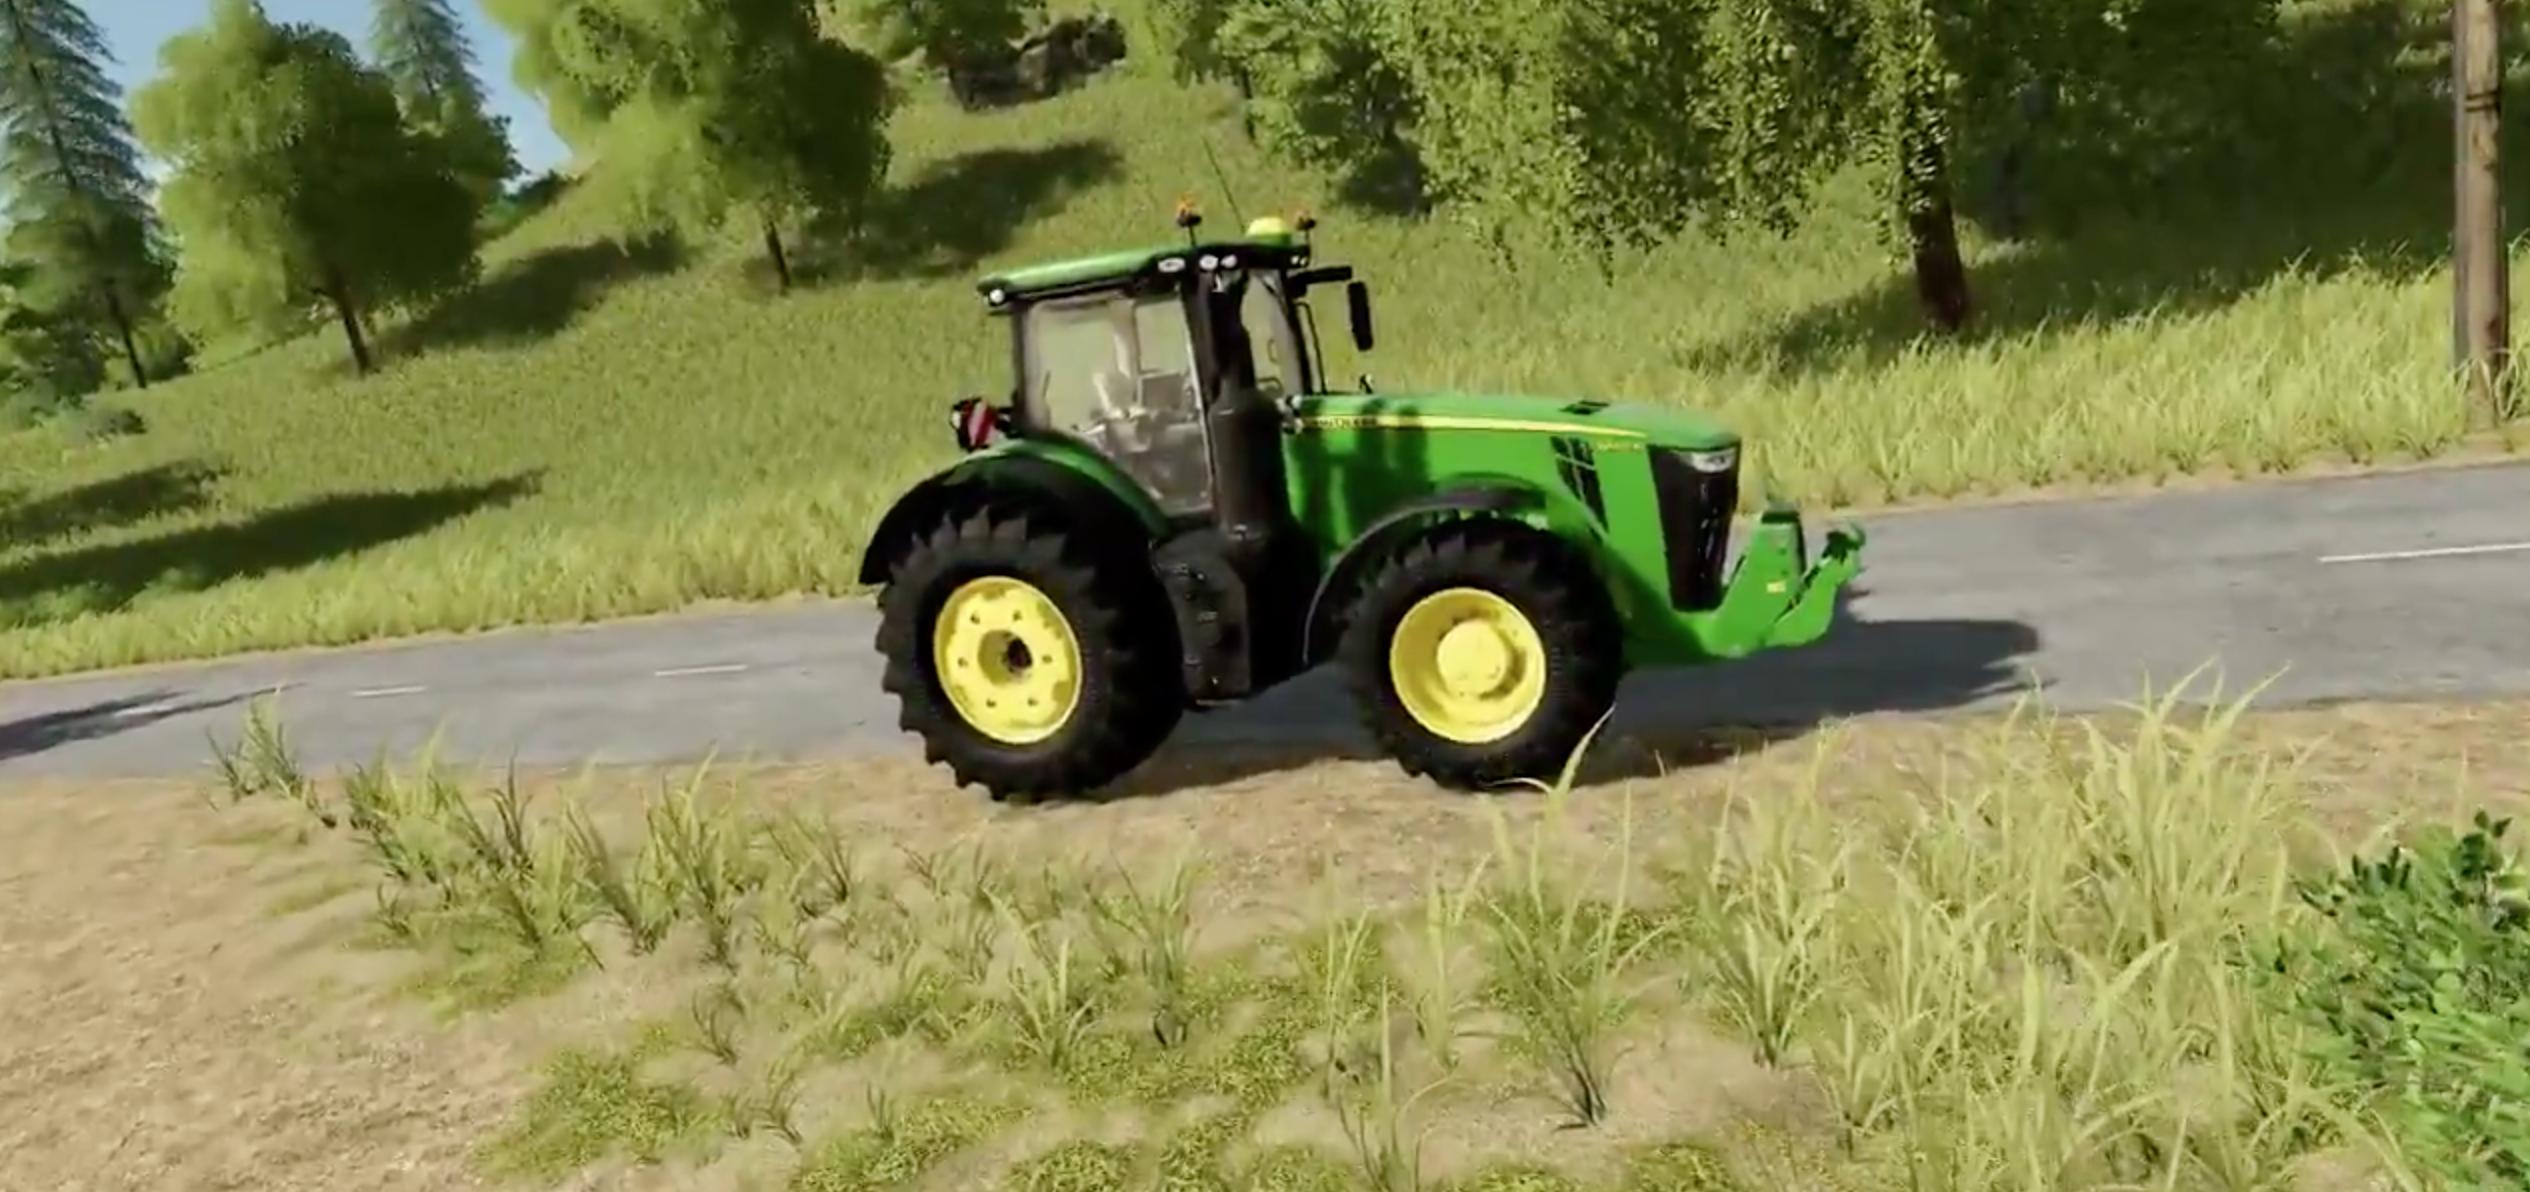 John Deere Farm Tractors >> Farming Simulator 19 will have John Deere 8400R - Farming Simulator 2017 mod, LS 2017 mod / FS ...